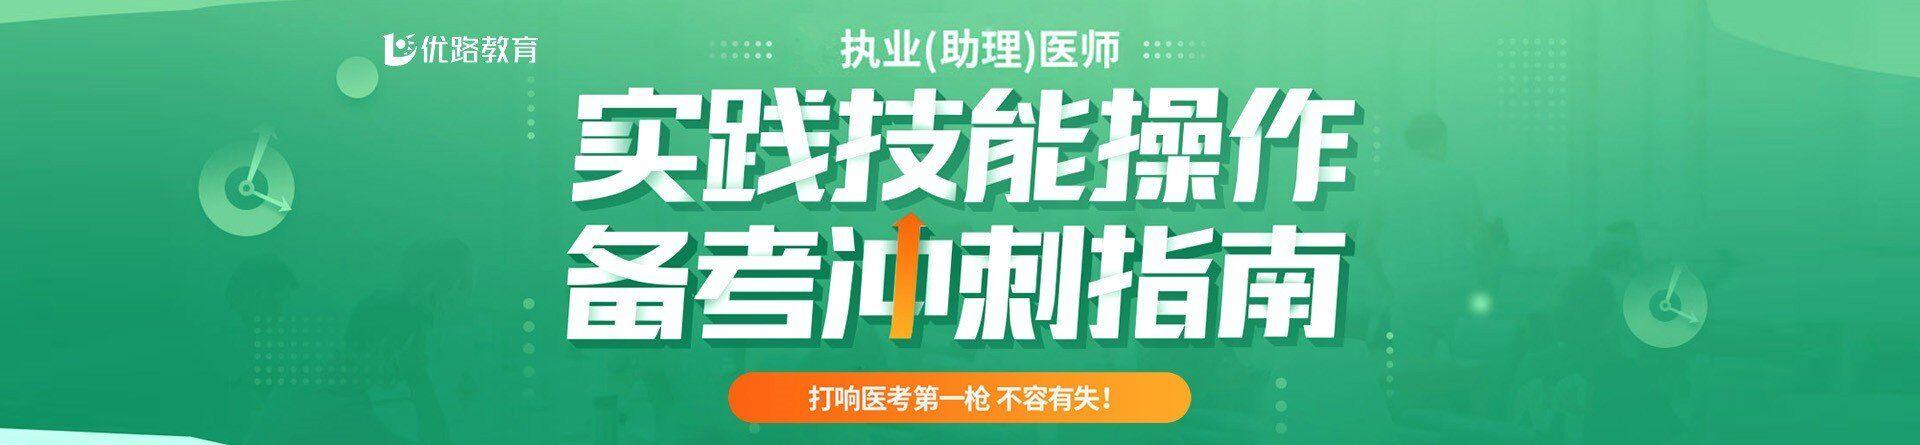 黑龙江牡丹江优路教育培训学校